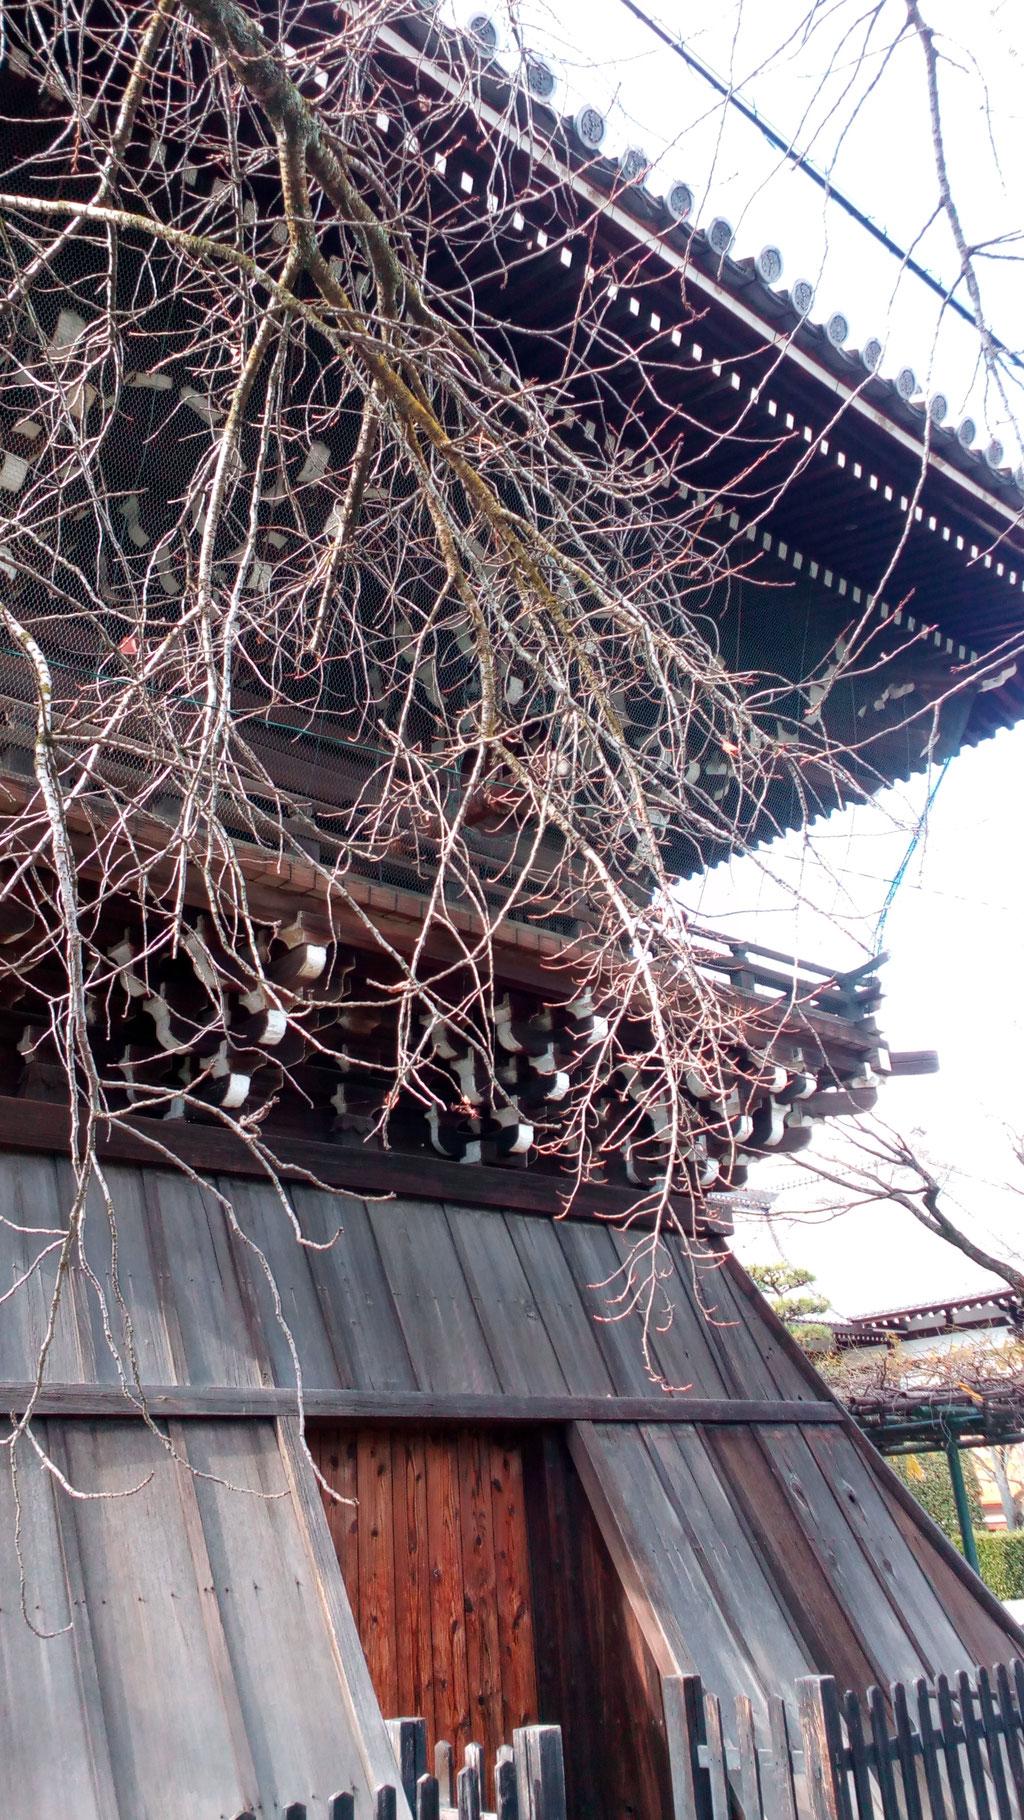 妙蓮寺の袴腰型鐘楼 きれいな鐘の音です。